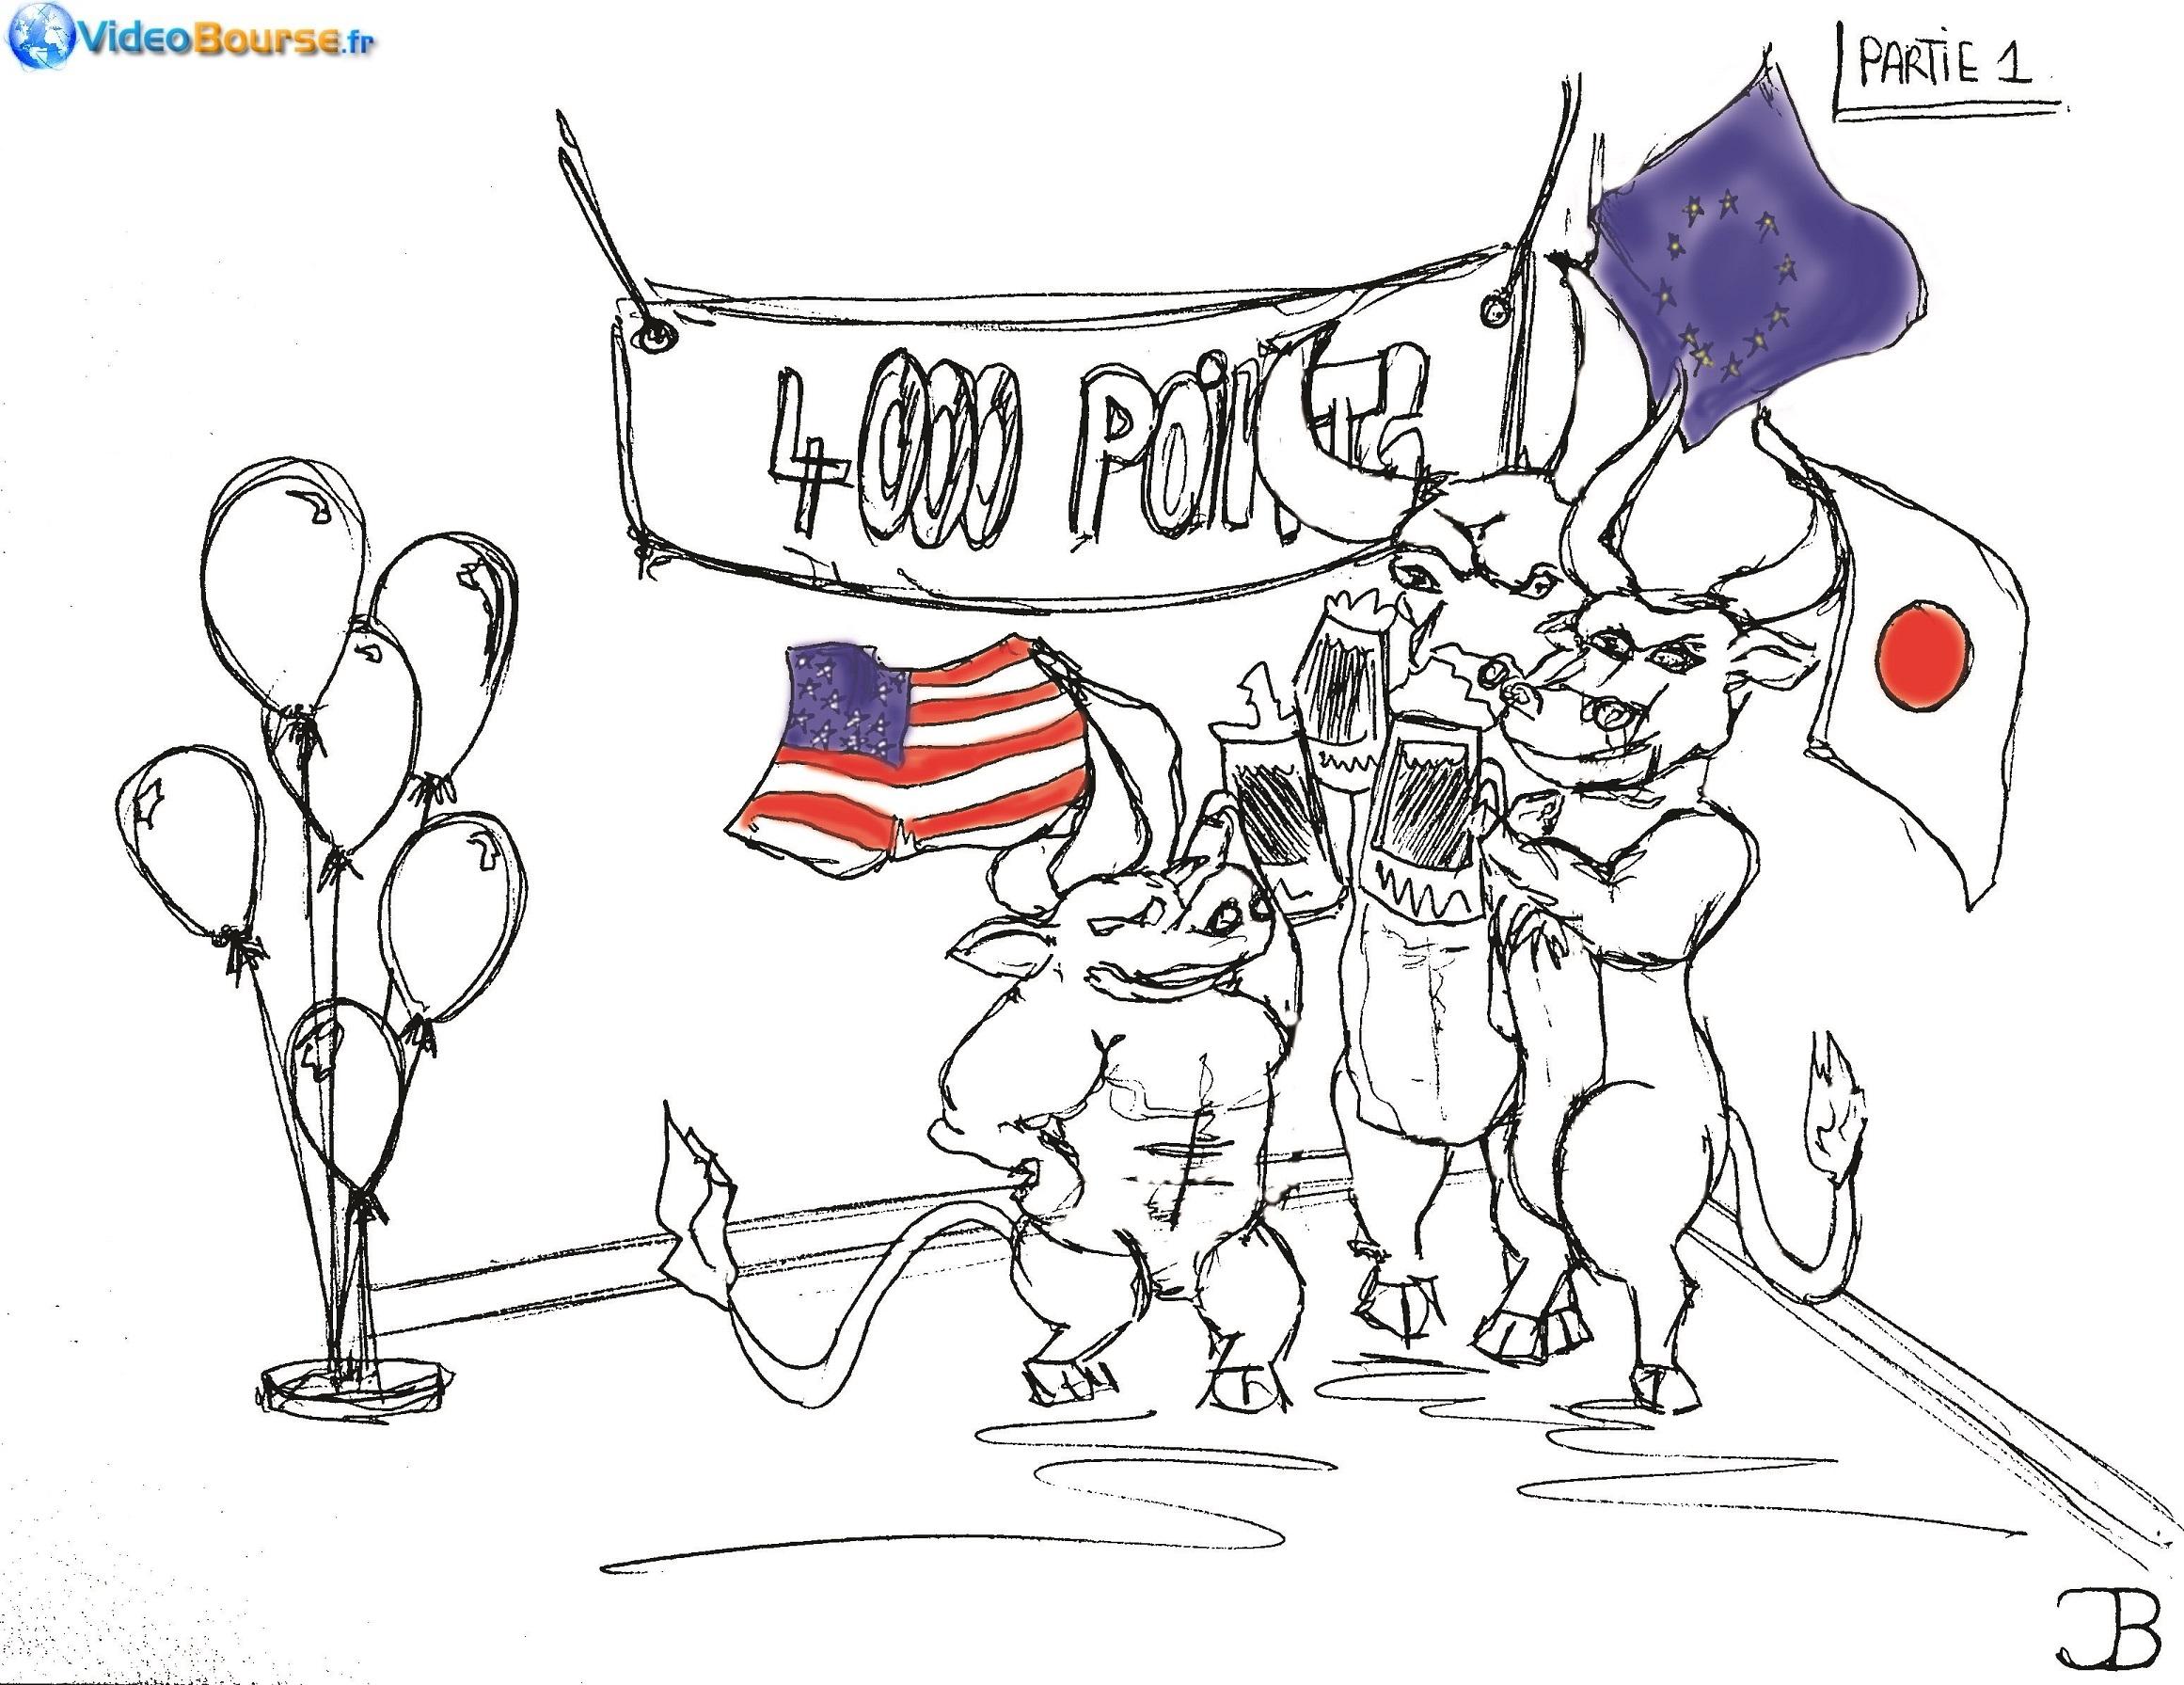 Dessins humouristiques et caricatures sur la bourse et le - Coloriage virtuel ...